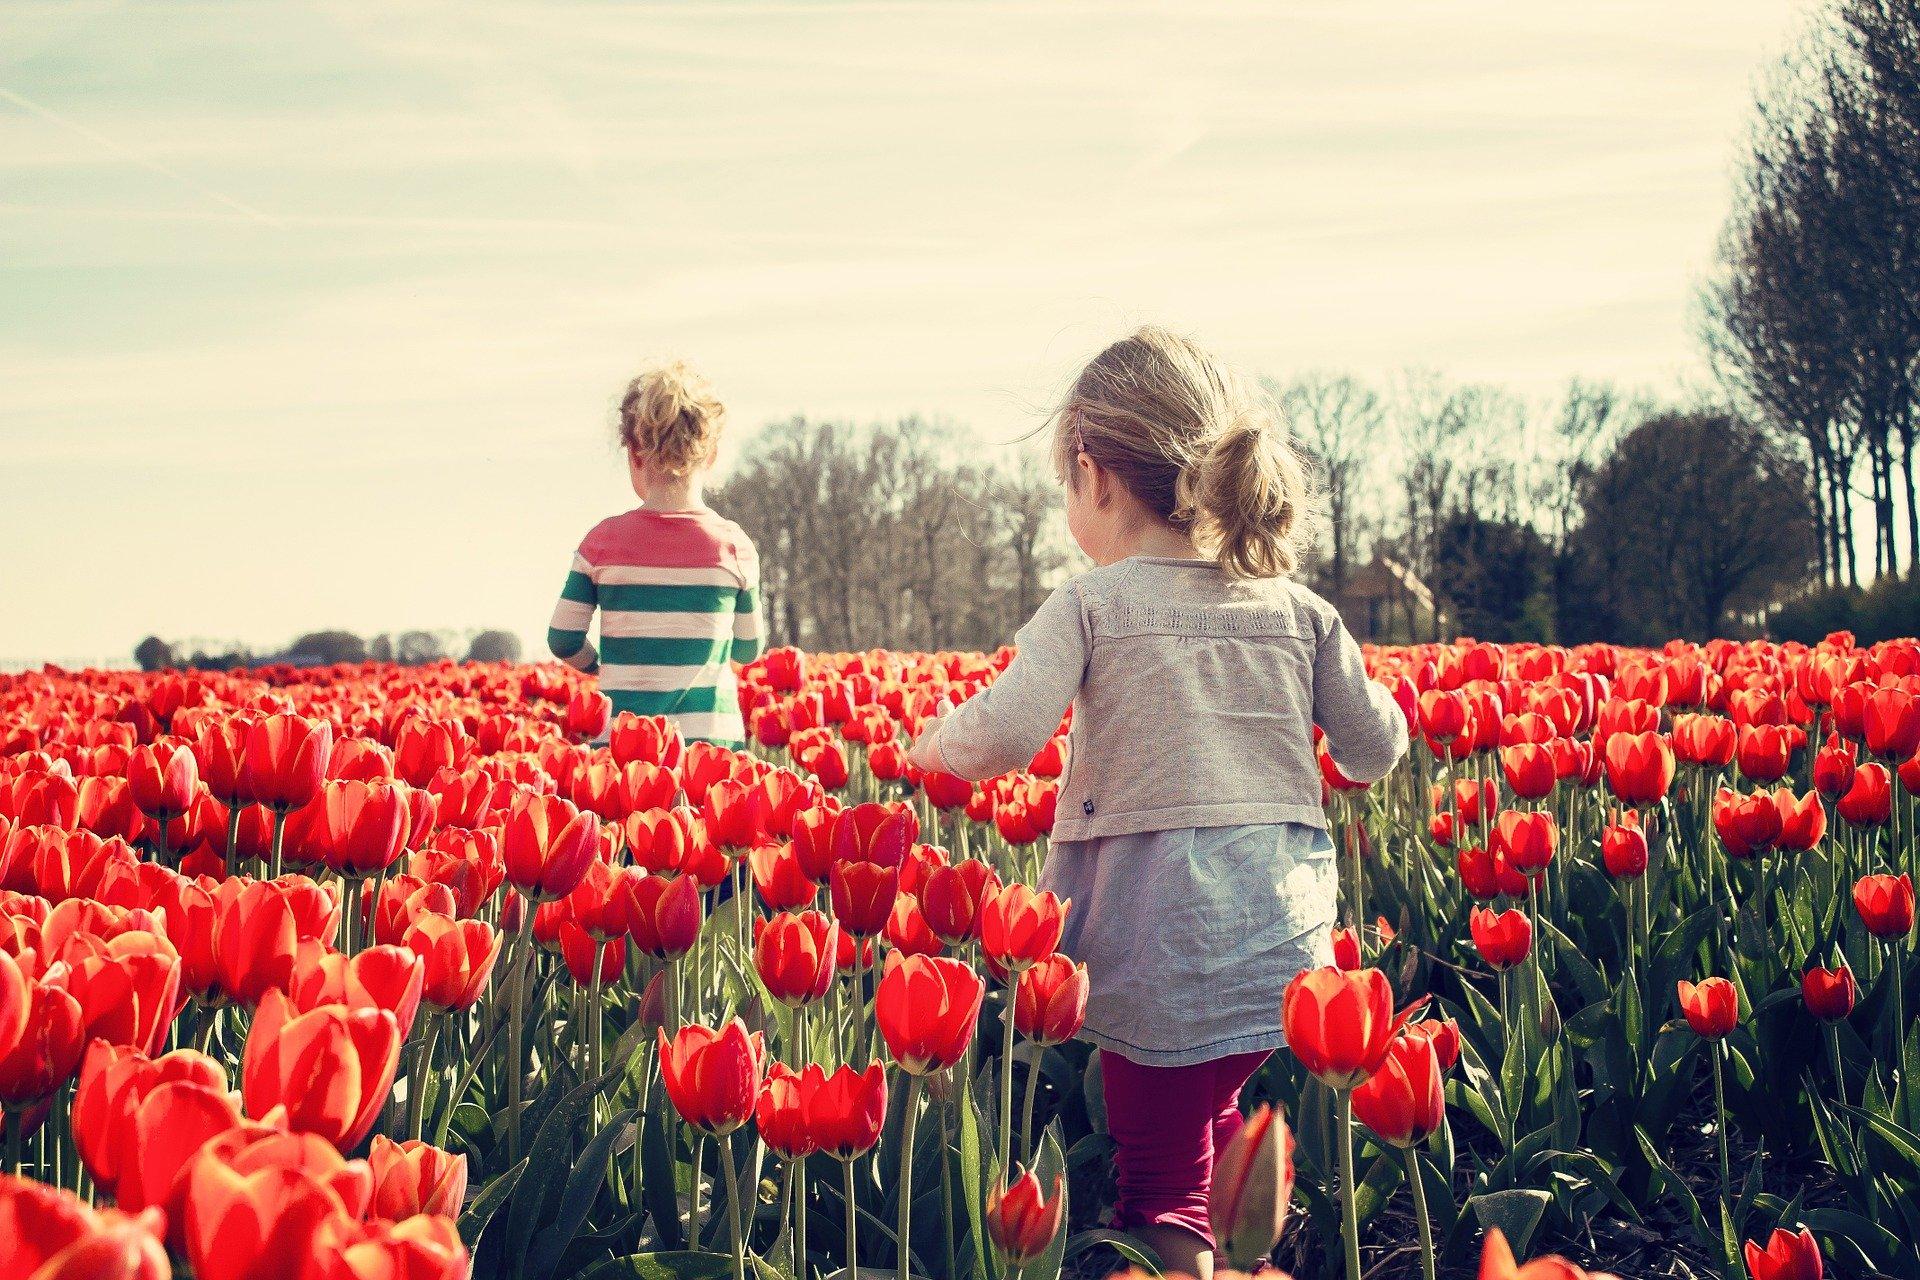 Festa di primavera + Assemblea Atfmr